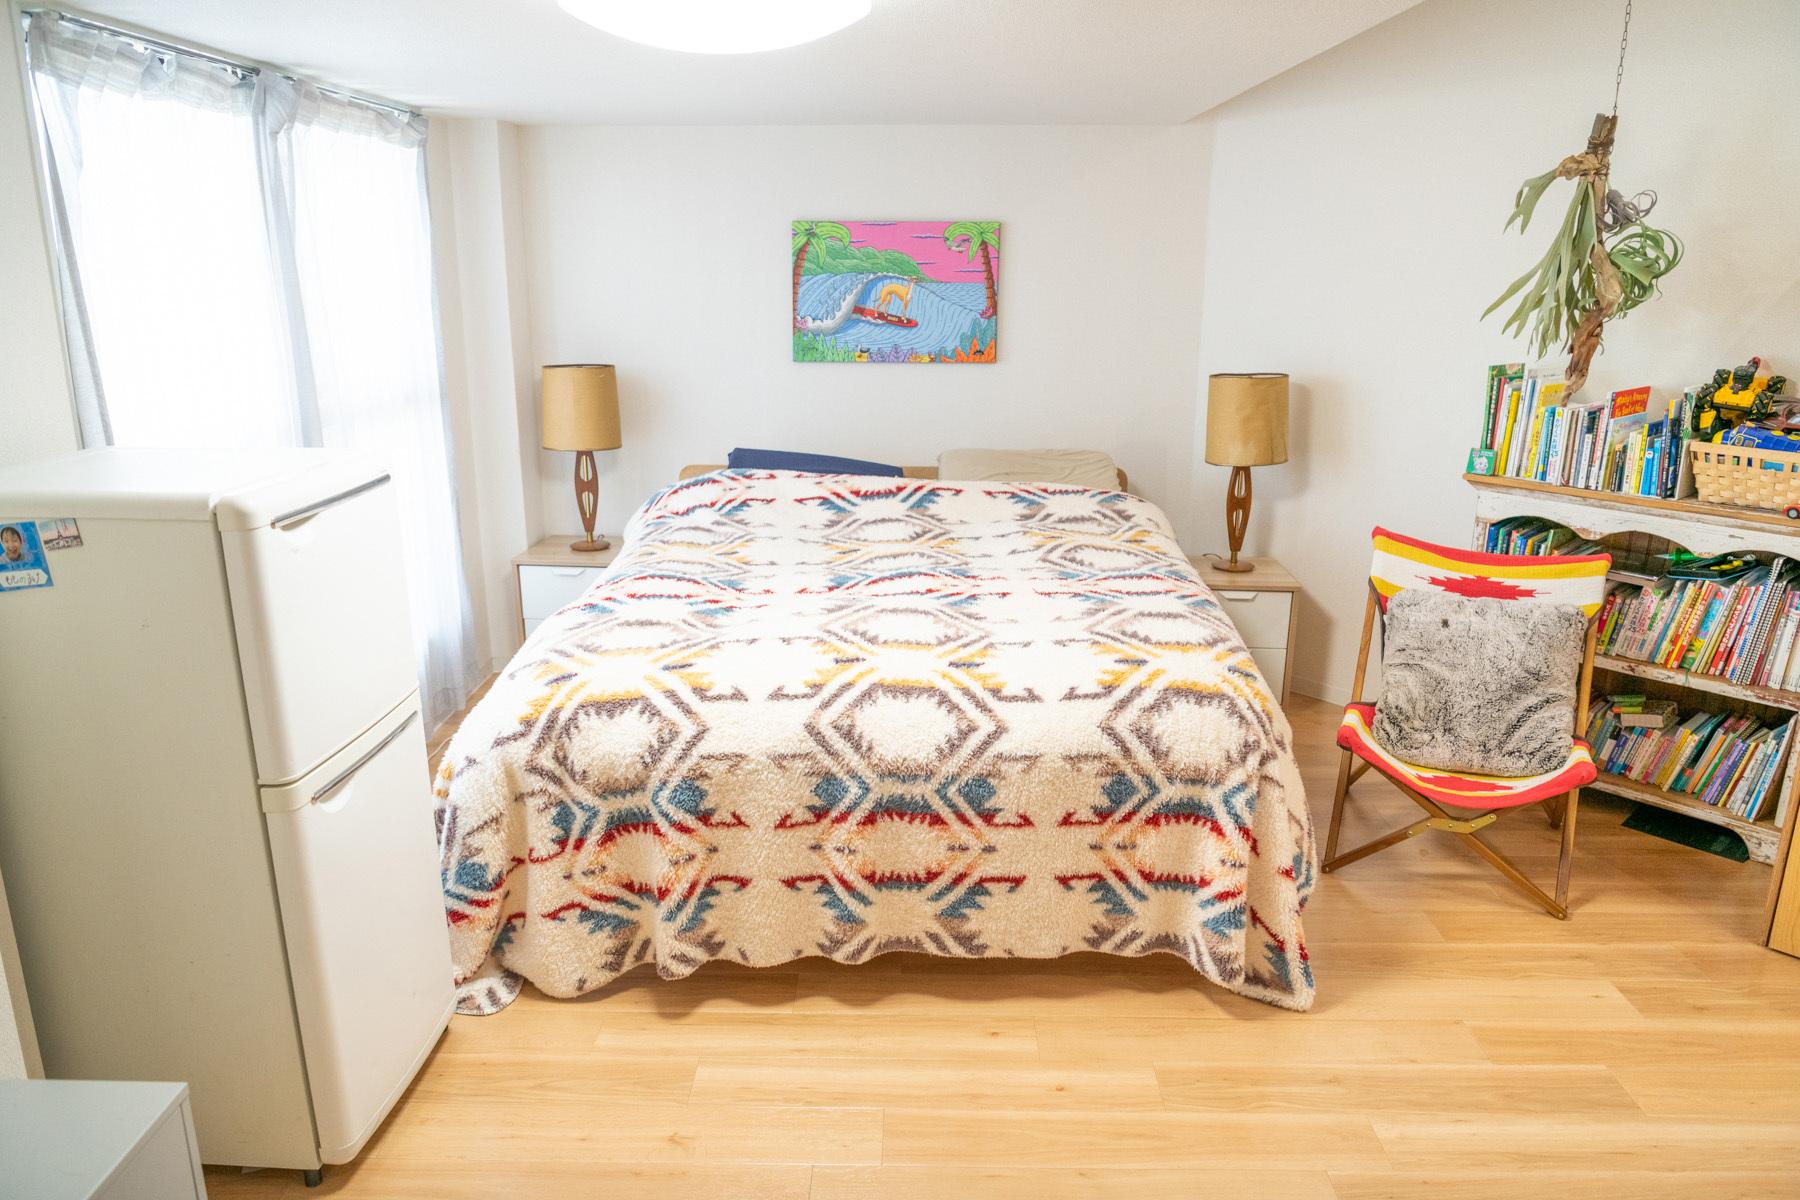 Home学芸大学 (Studio Licorneマネージメントスペース)階段